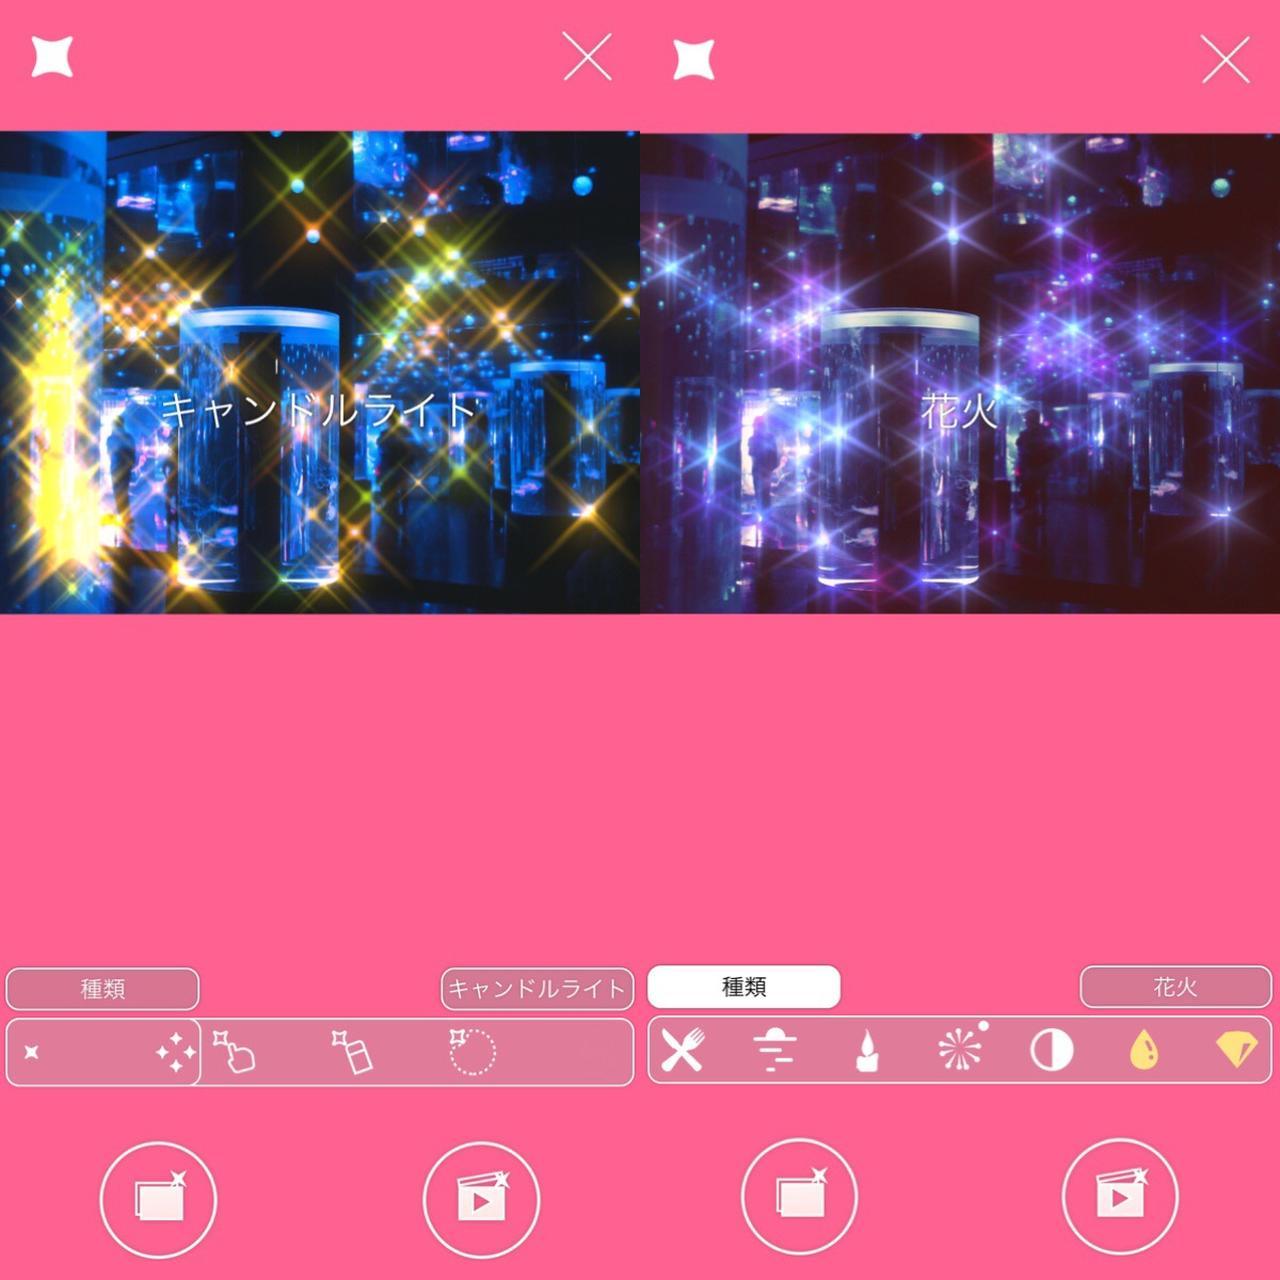 画像4: 保存してある写真から自動でキラキラ加工!キラキラの種類も簡単に選べます。